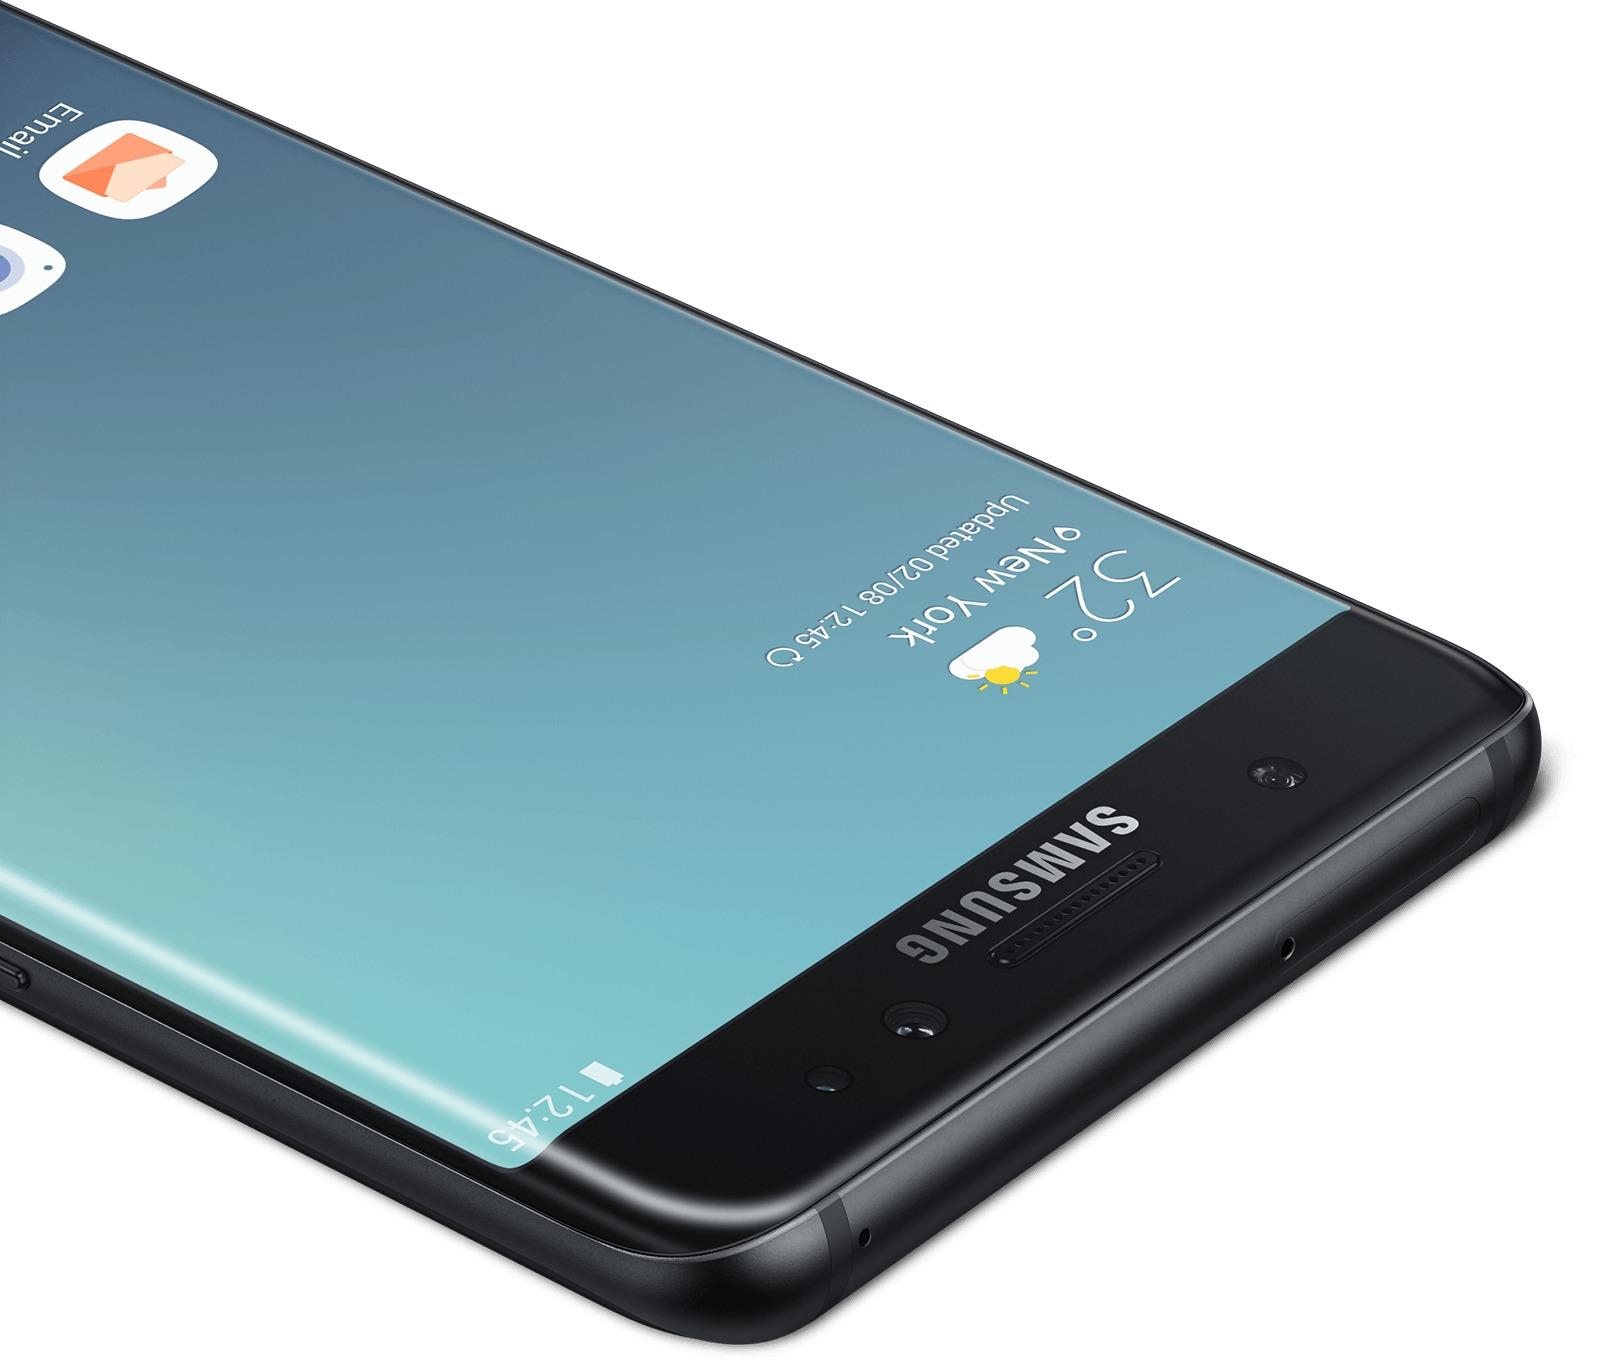 Le Galaxy Note 7 de Samsung pourrait doubler les débits 4G